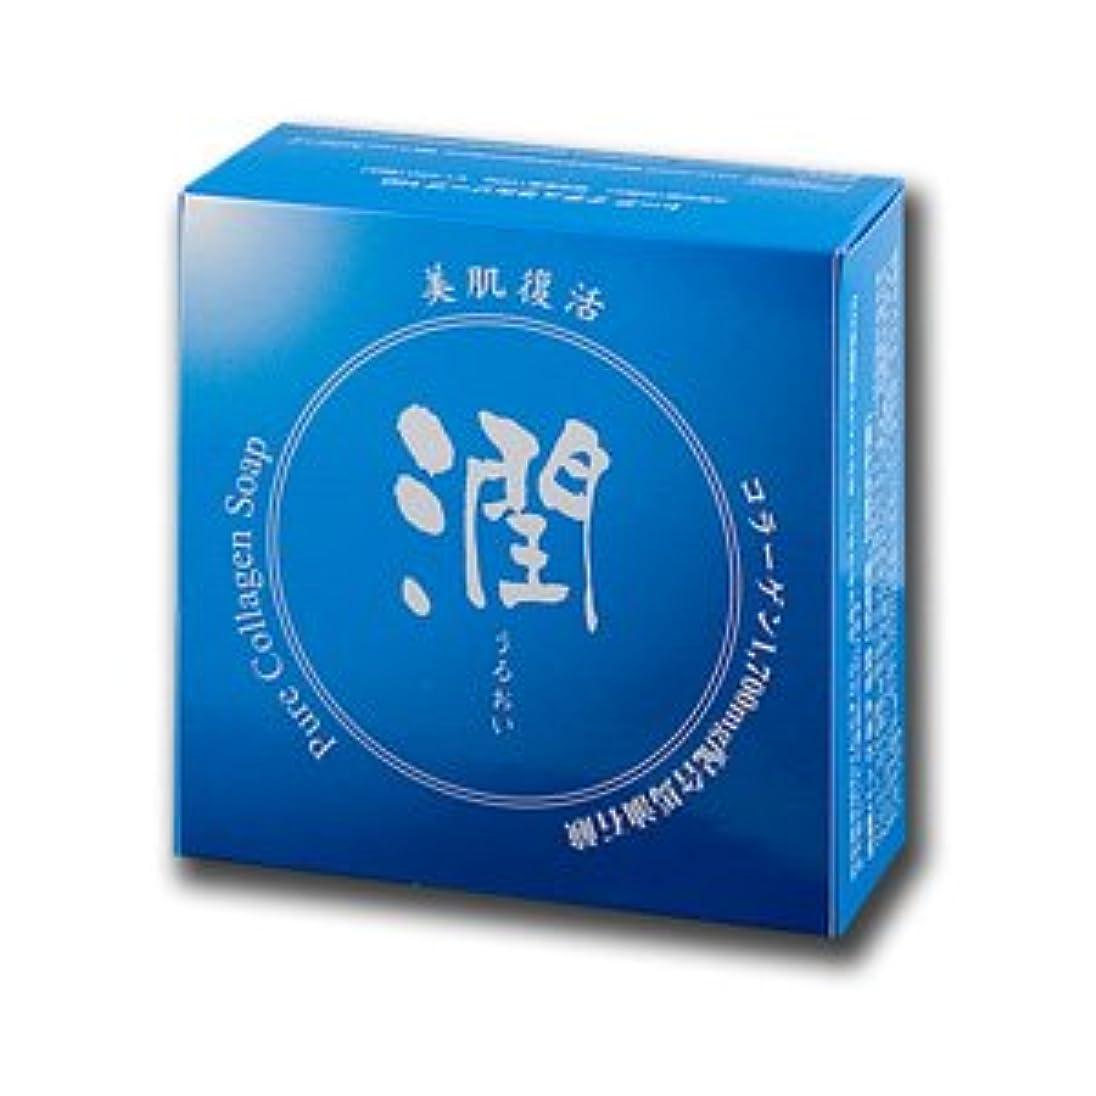 フリッパー天スクラップブックコラーゲン馬油石鹸 潤 100g (#800410) ×3個セット